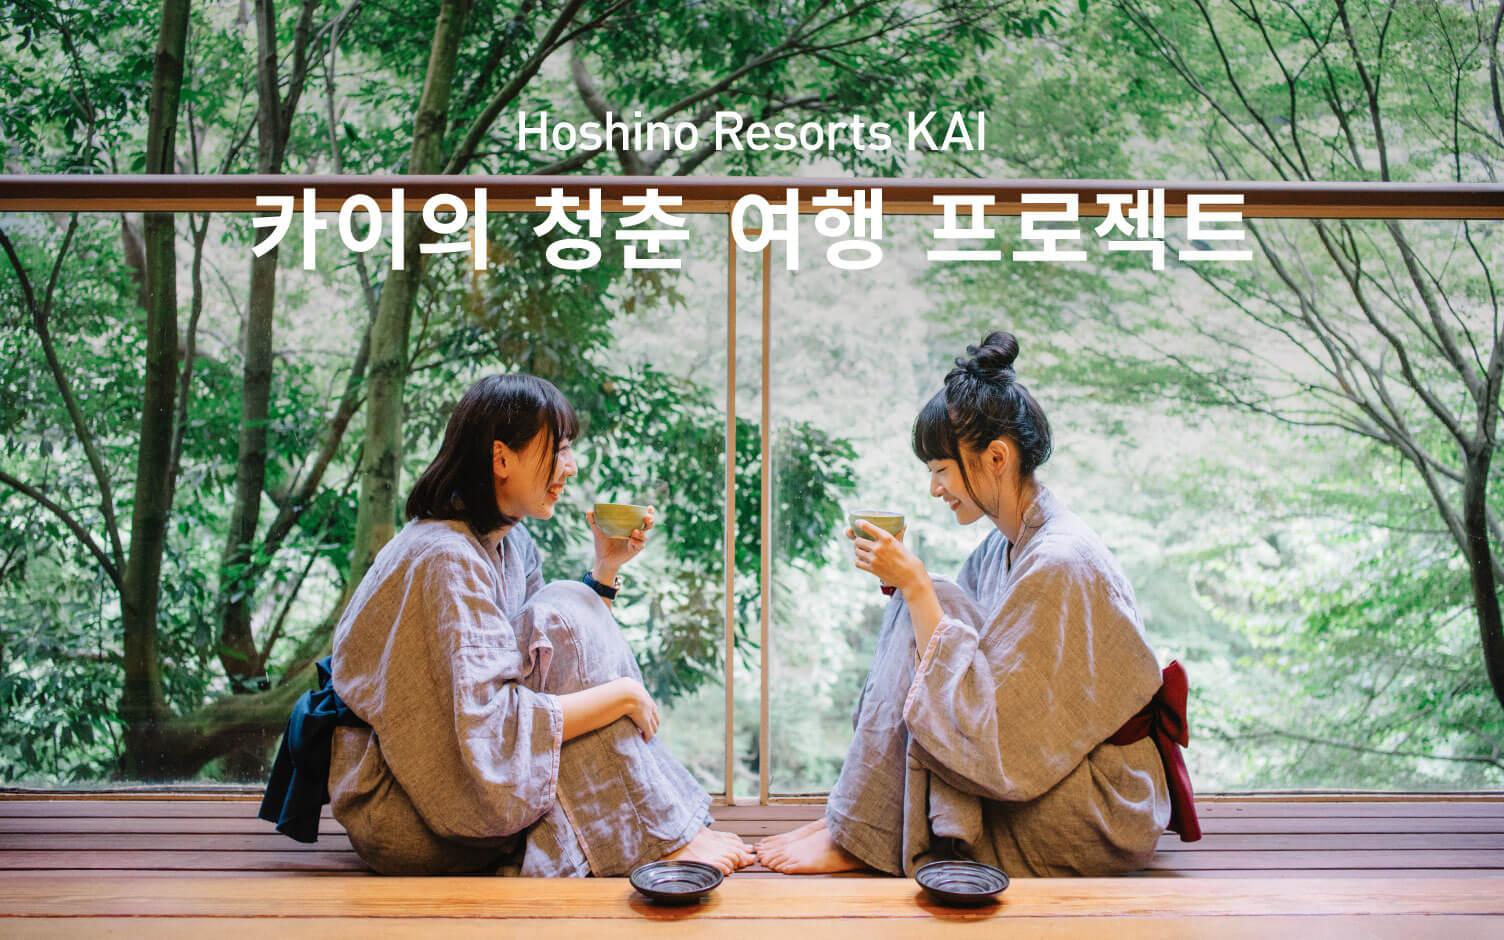 카이의 청춘 여행 프로젝트